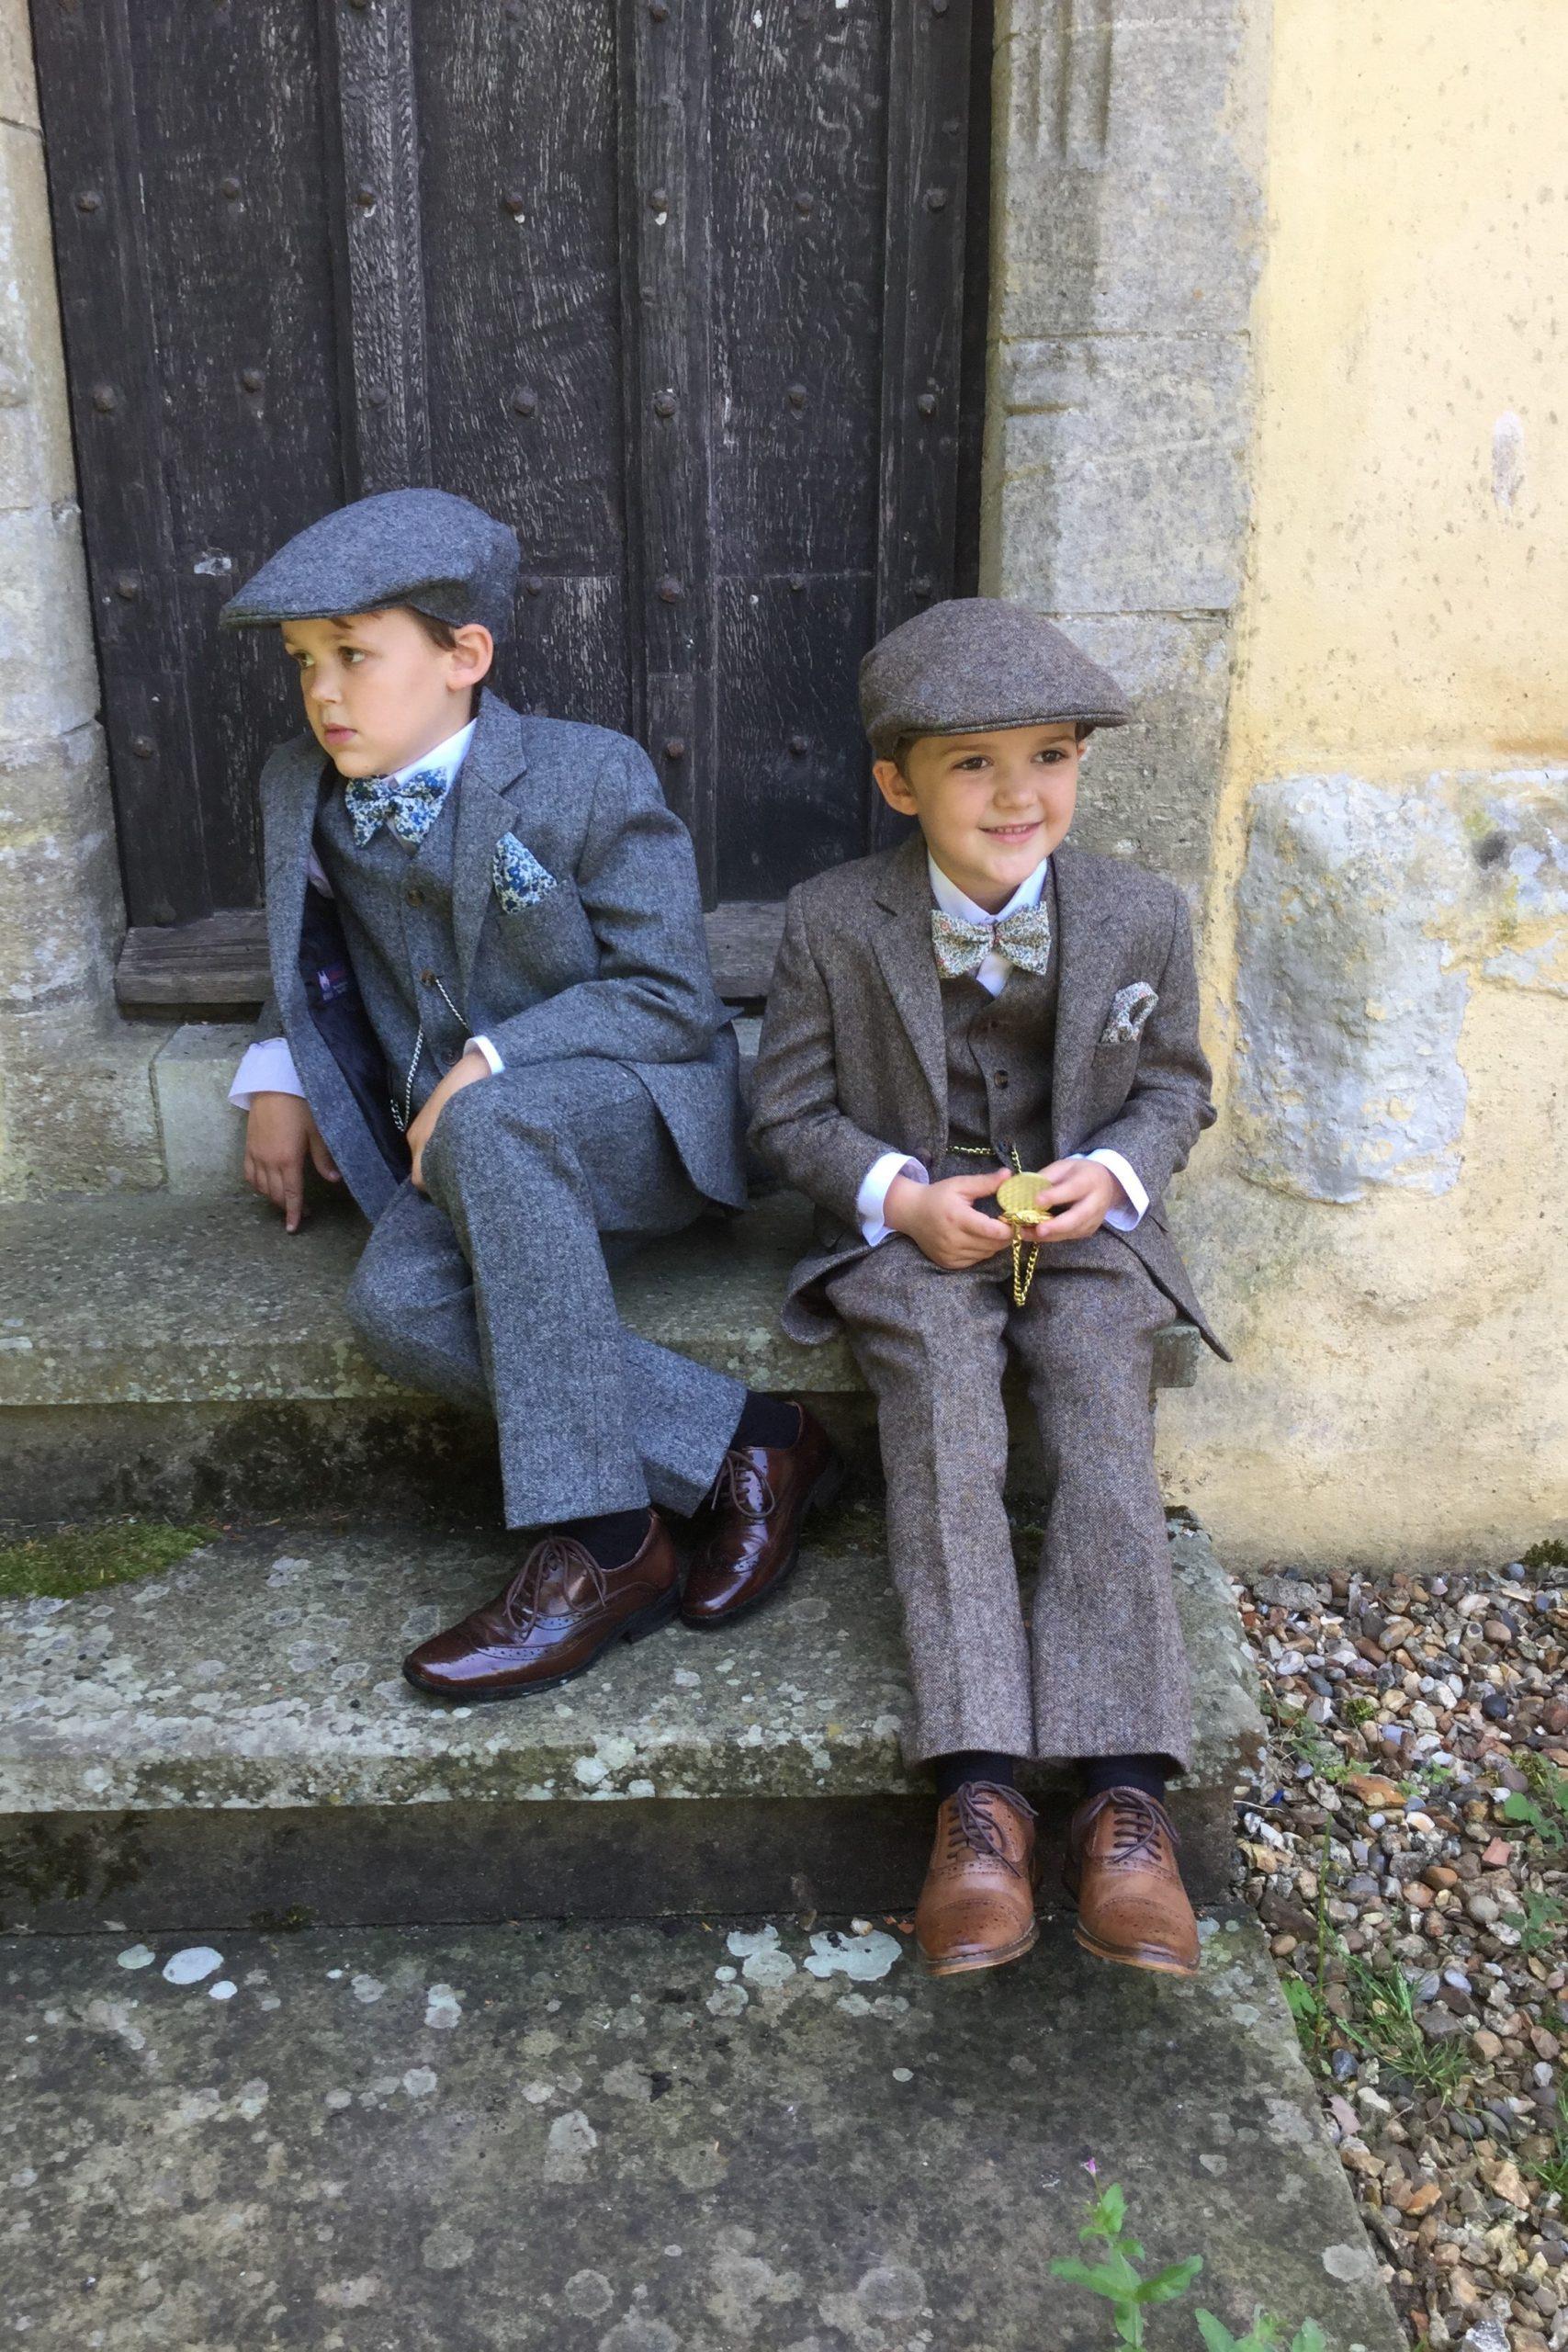 Wedding Pageboys in Heritage Tweed Suit